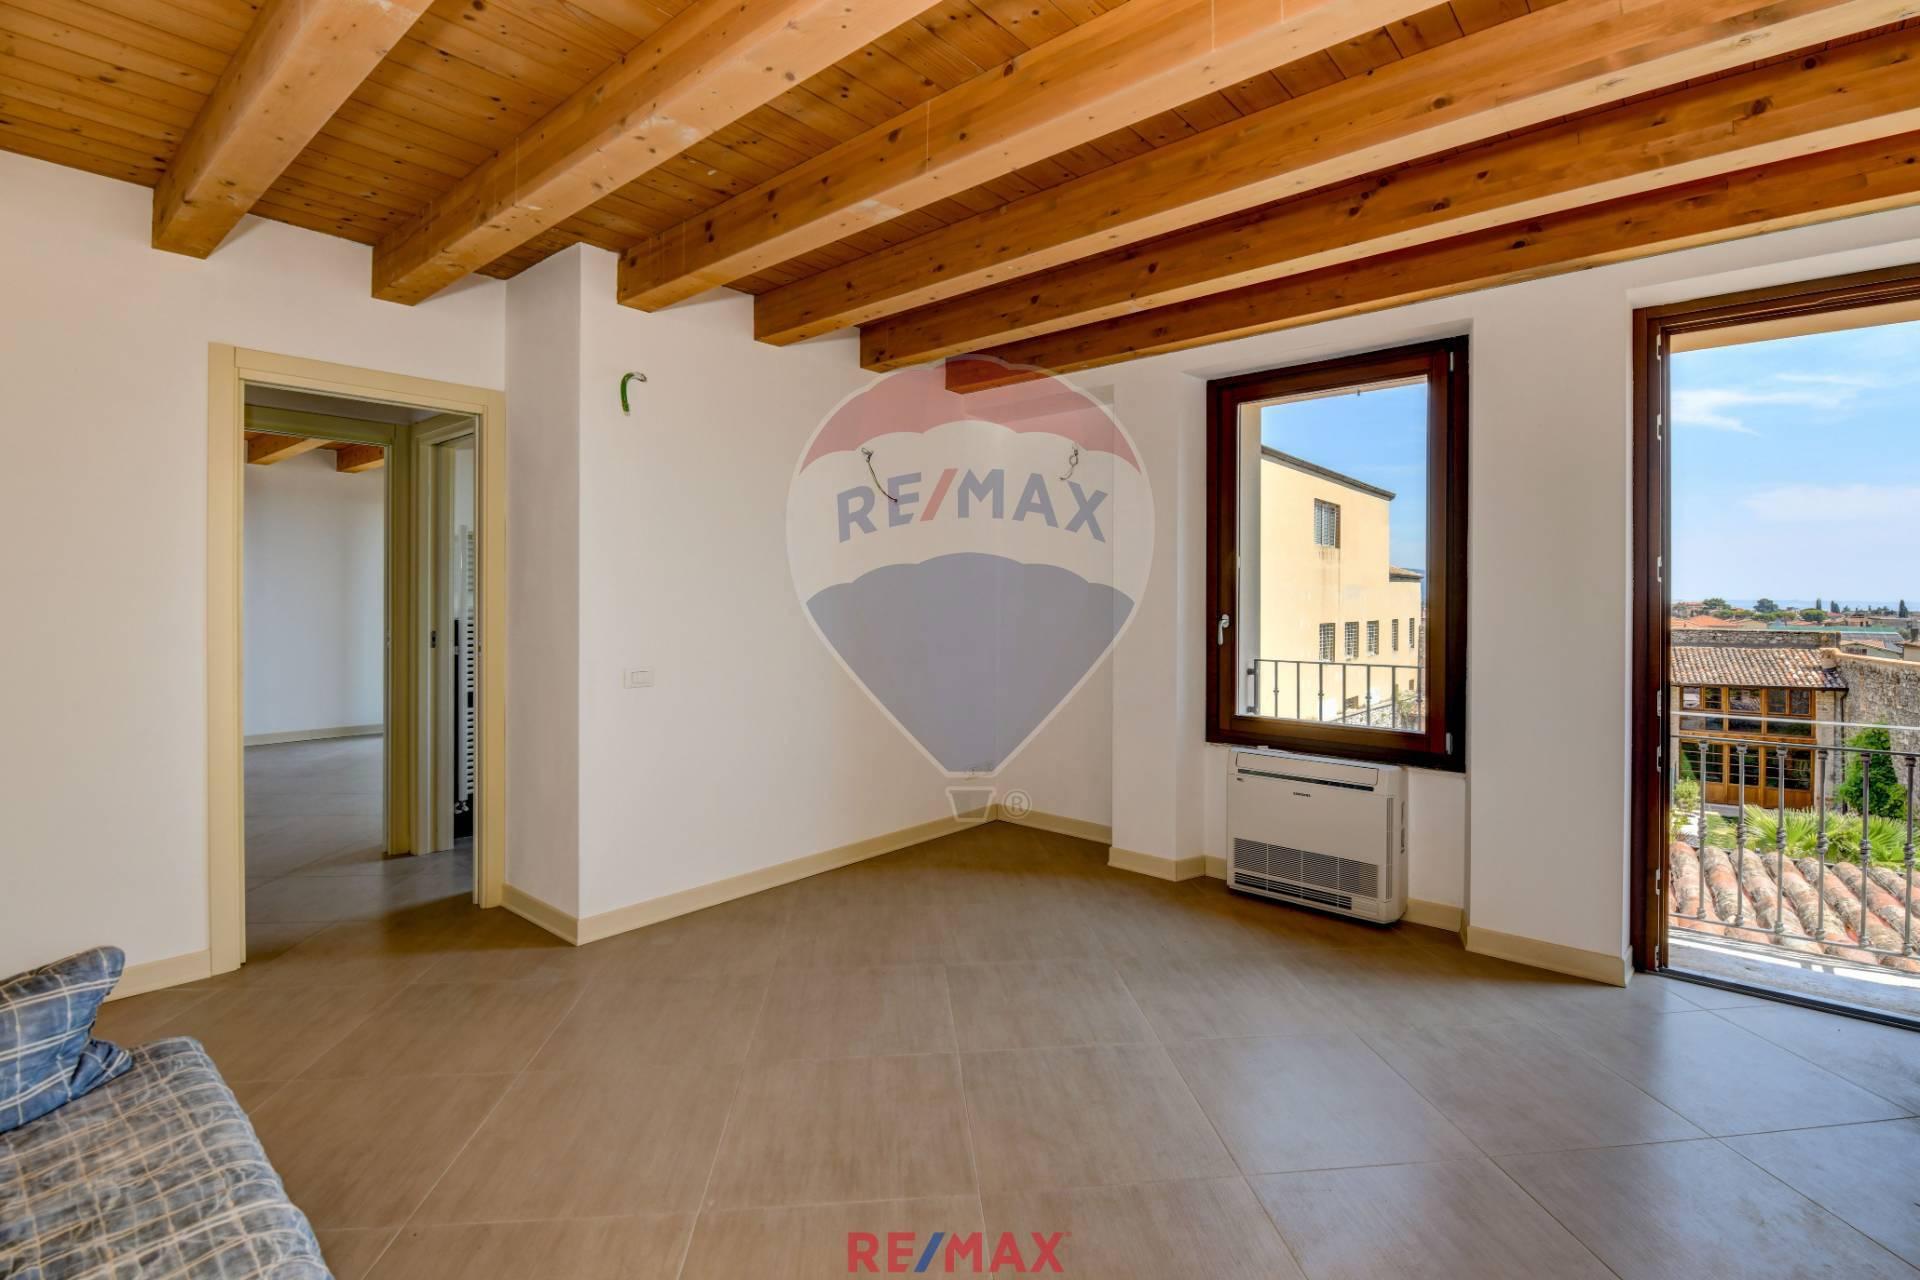 Appartamento in vendita a Toscolano-Maderno, 2 locali, zona Zona: Maderno, prezzo € 150.000 | CambioCasa.it